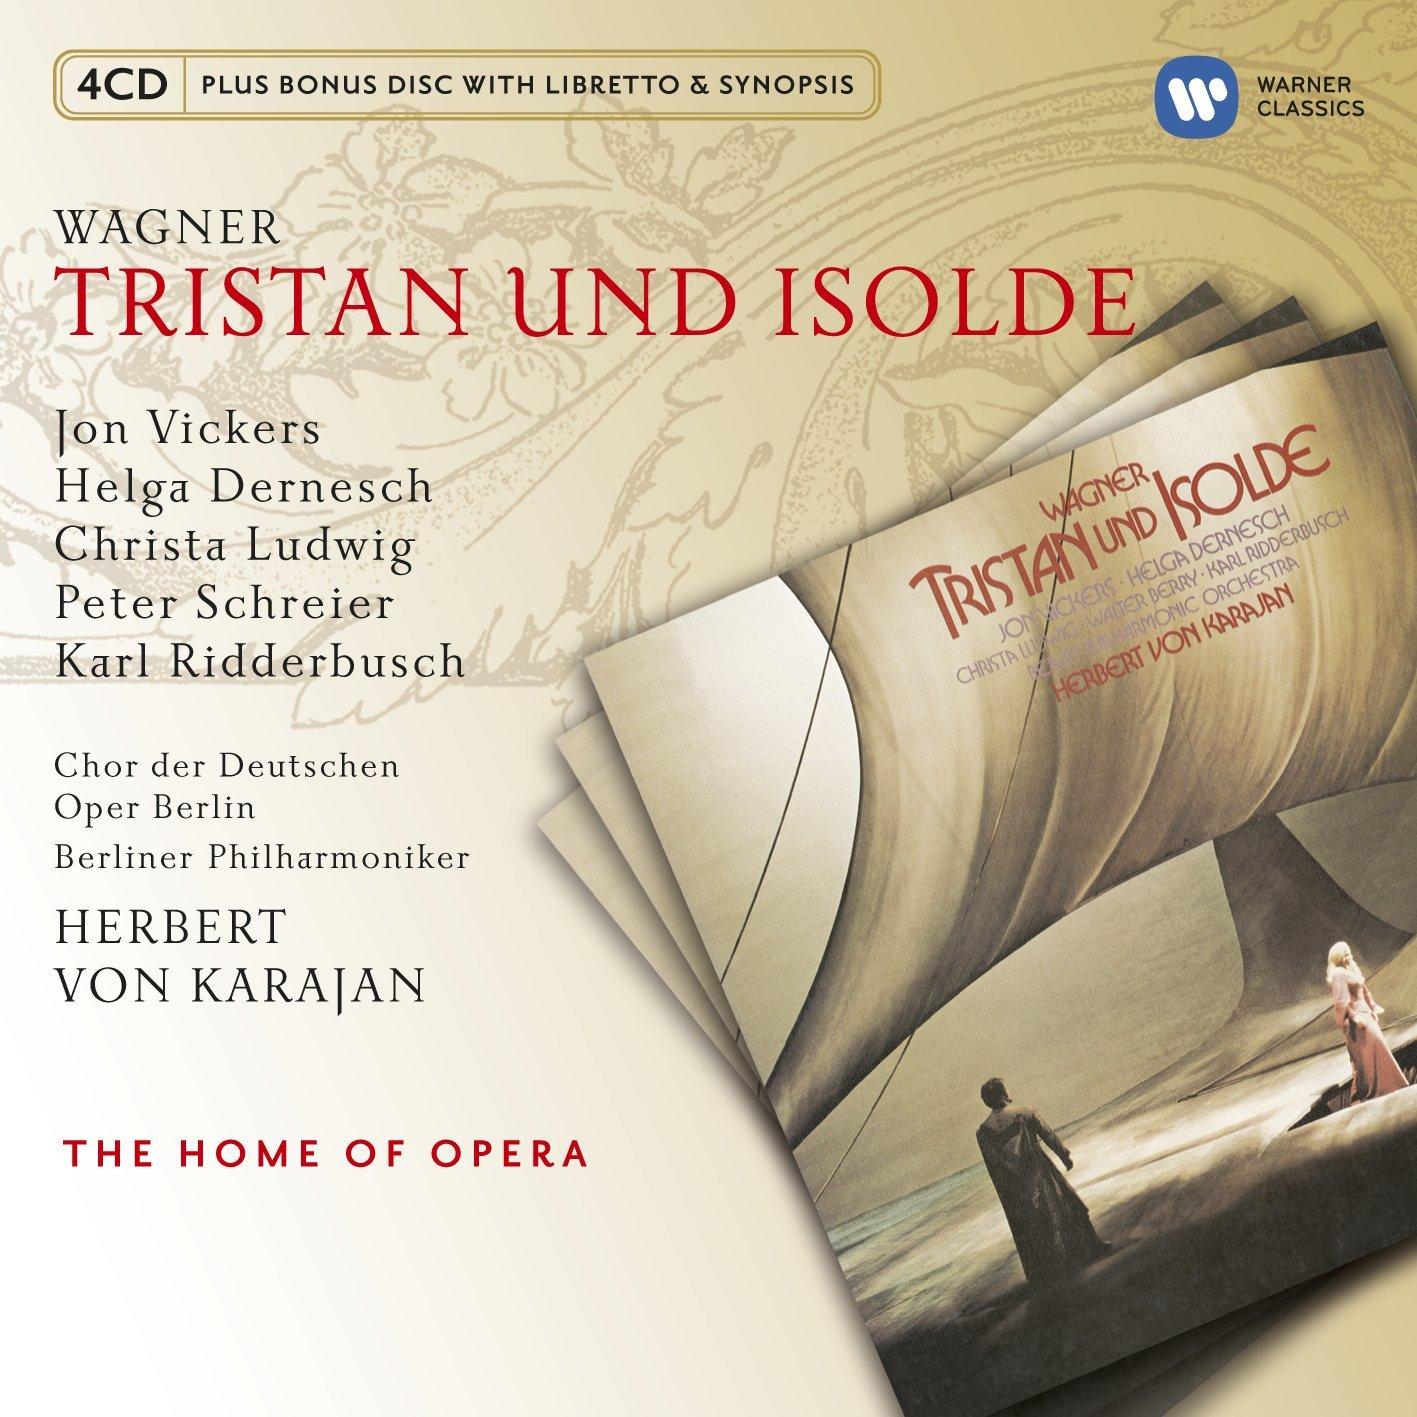 Wagner - Tristan et Isolde (3) - Page 2 81s6JAbWyaL._SL1417_